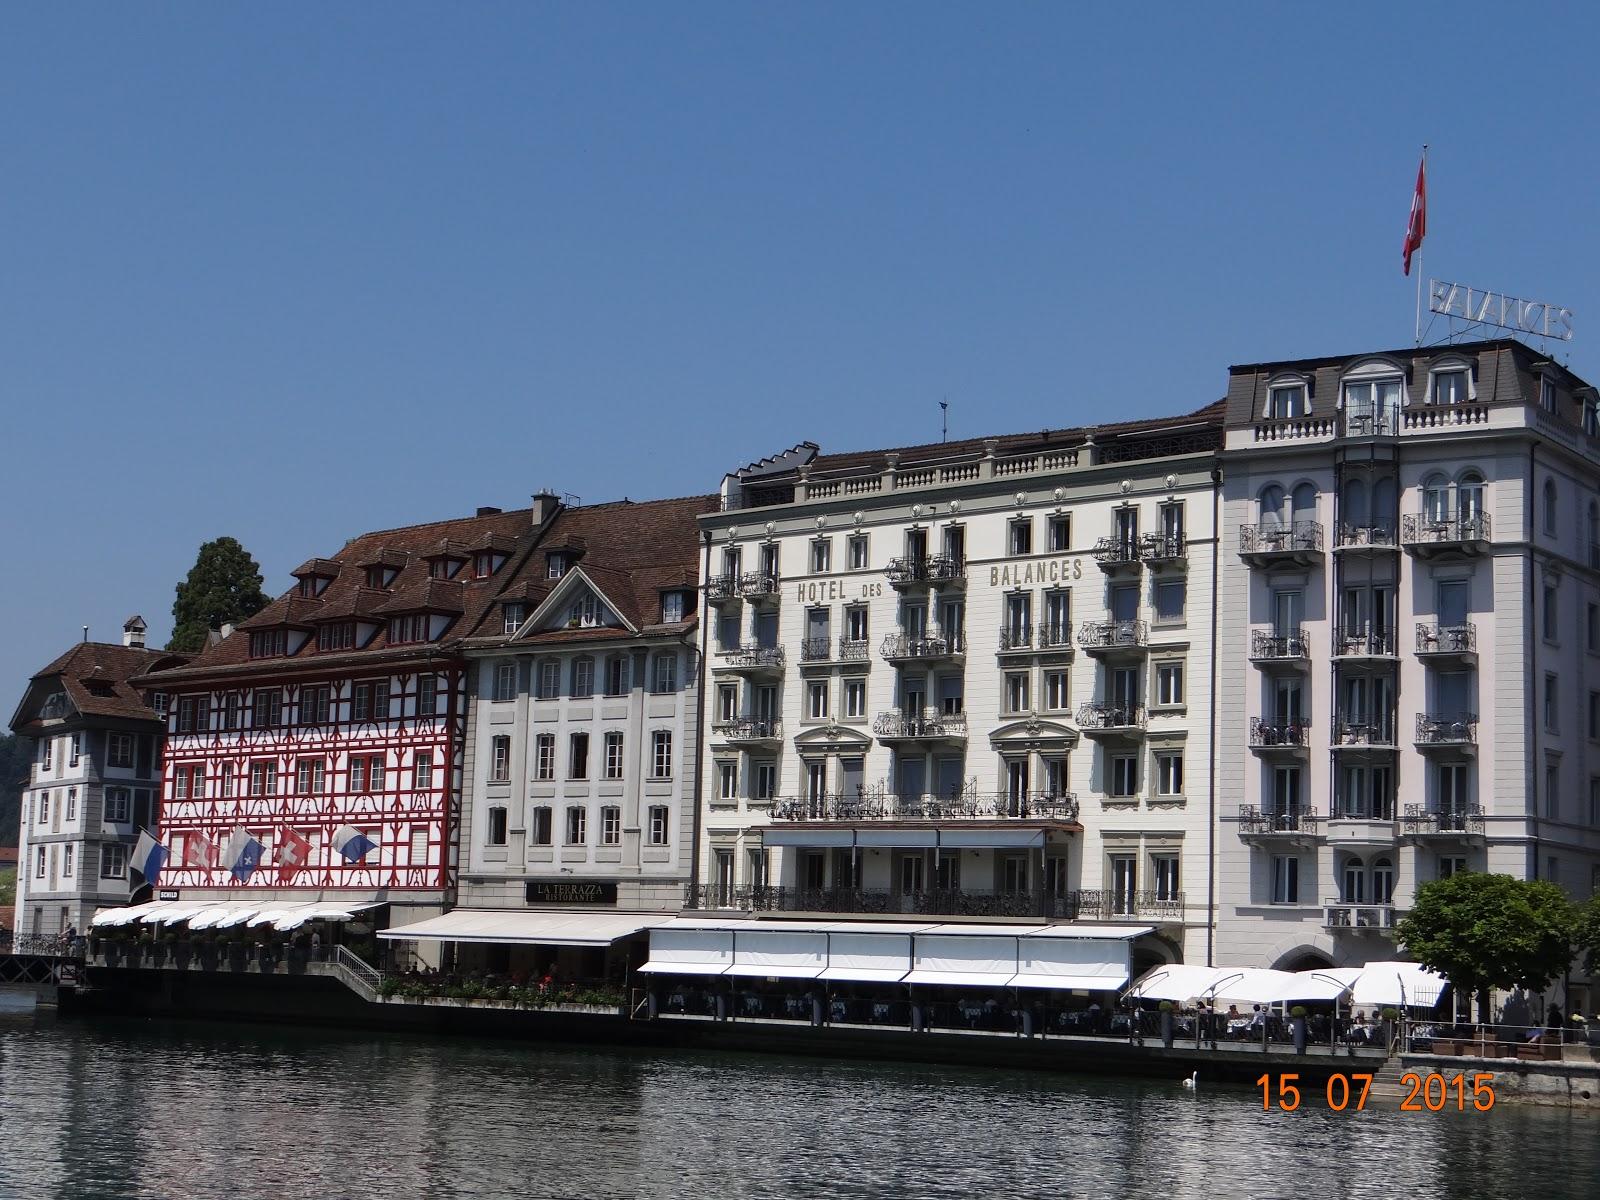 Rajeev S World Guten Morgen Luzern Part I